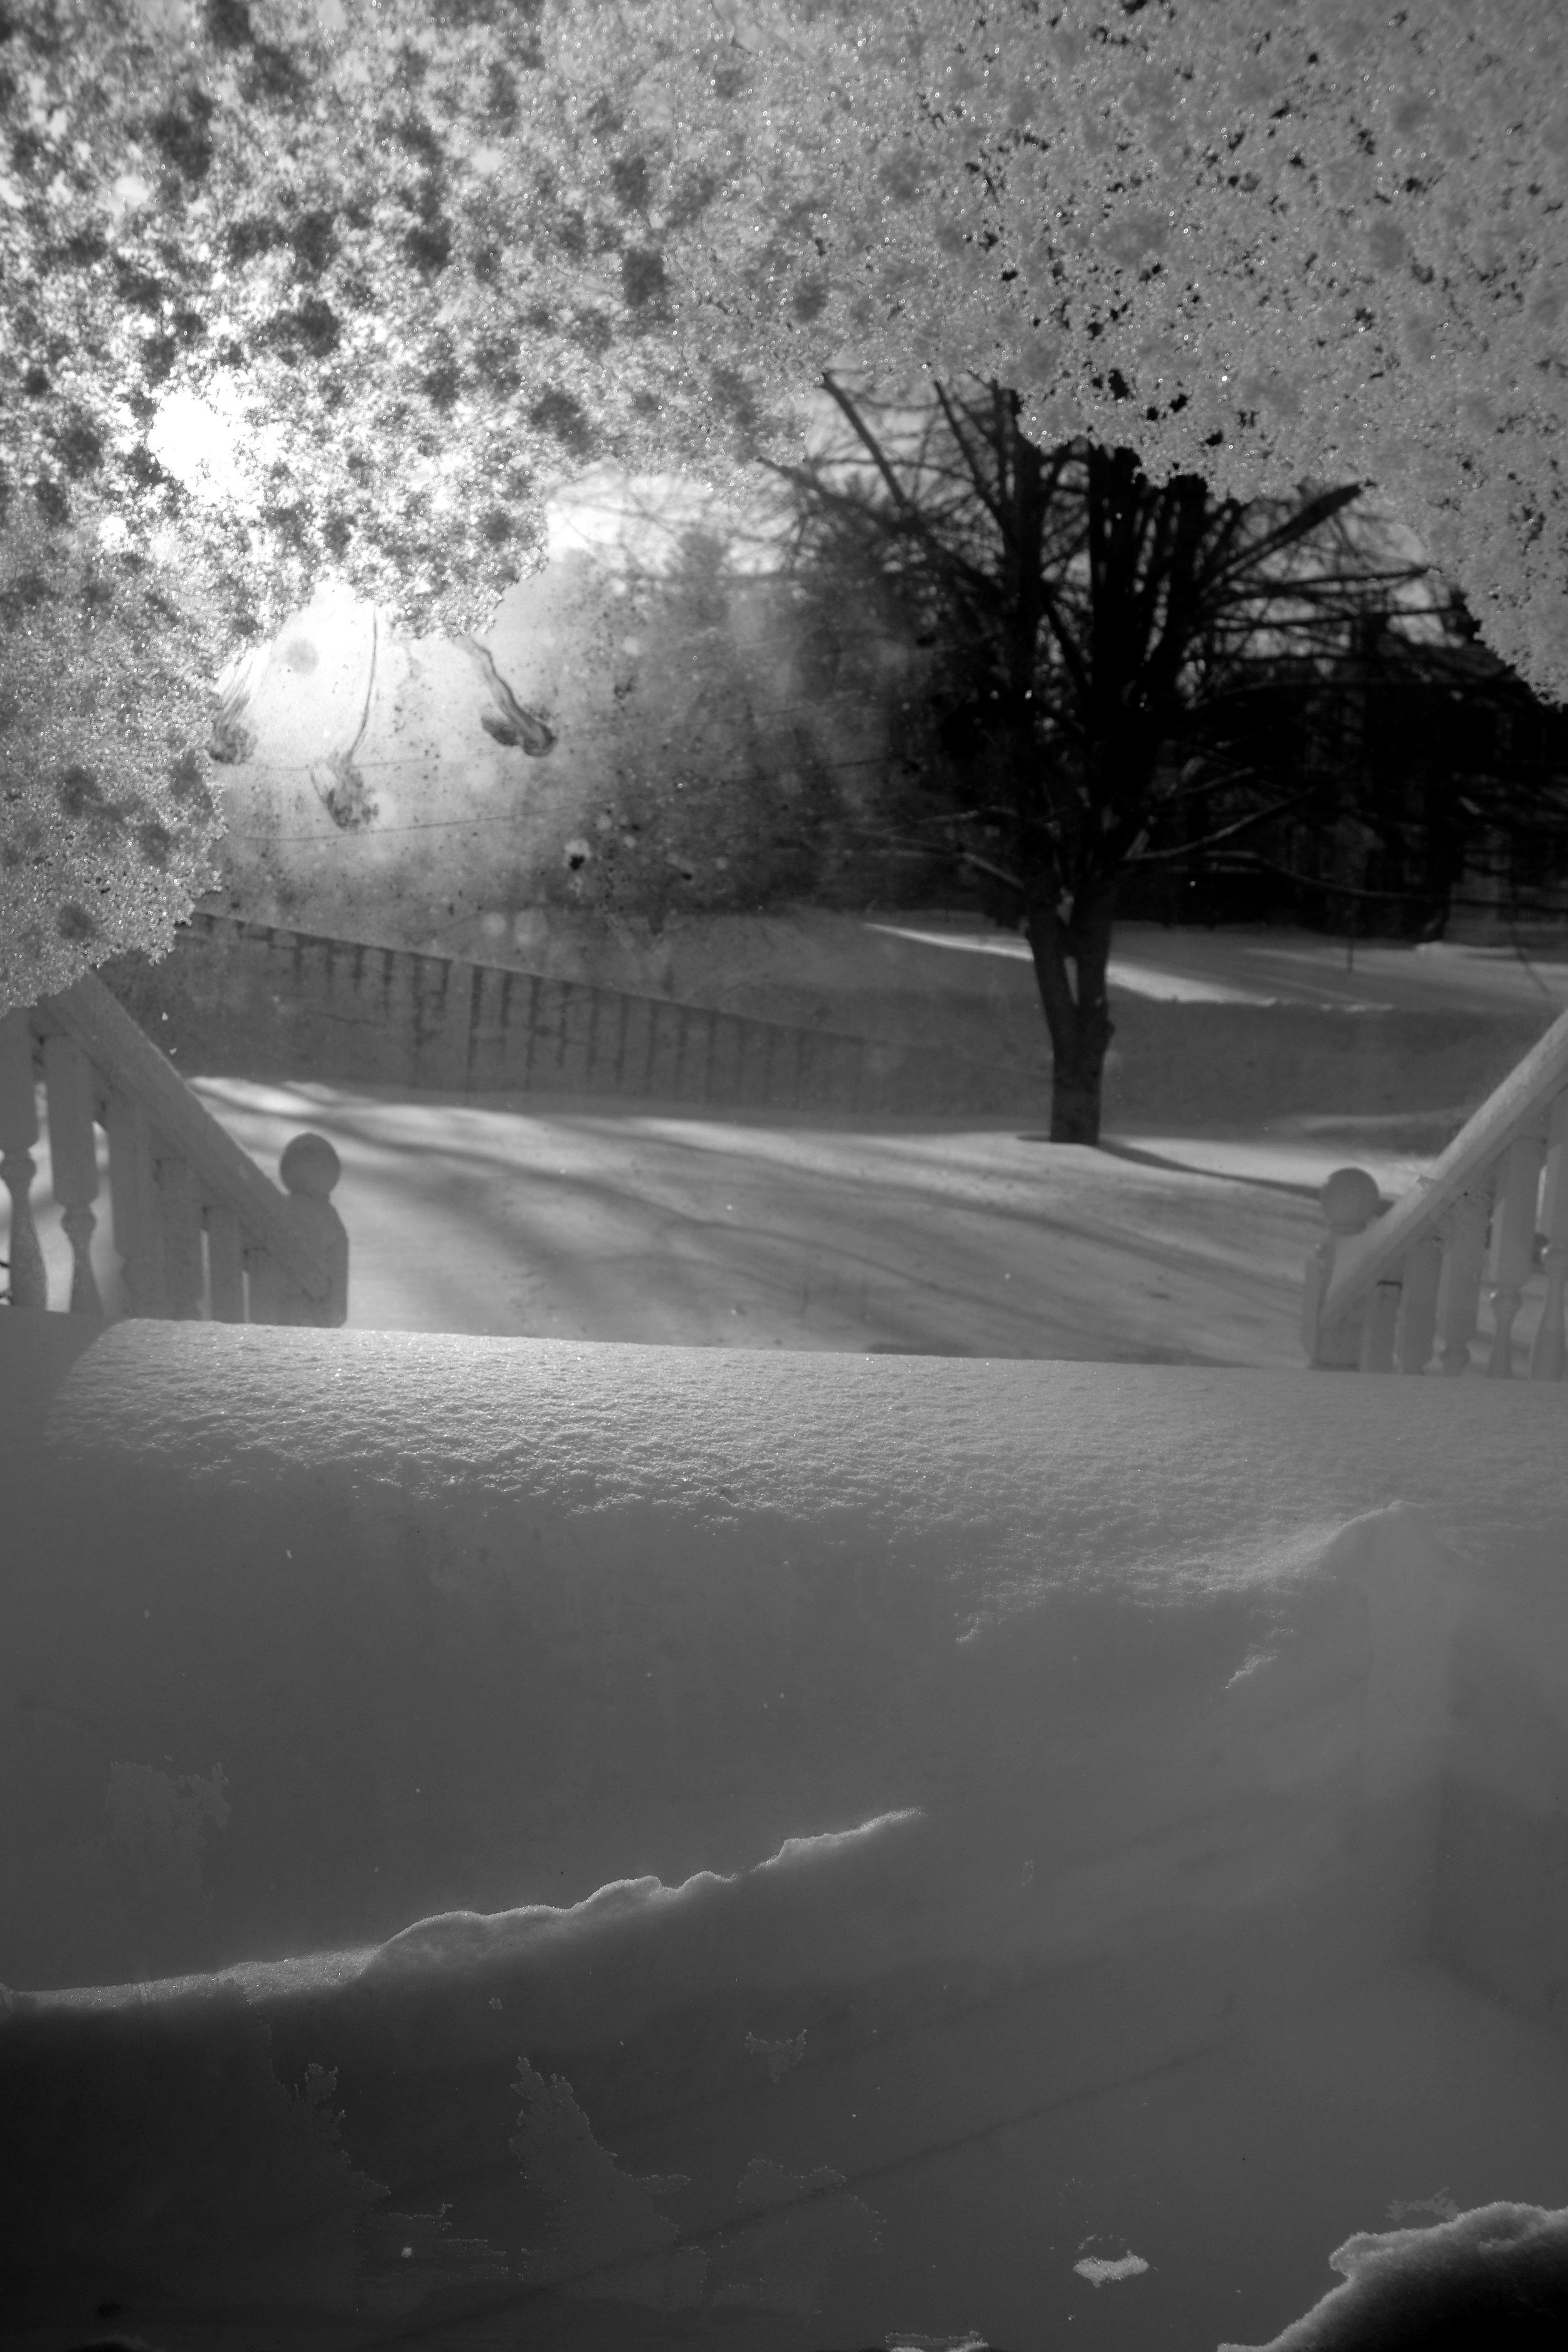 20171215-front-door-snow-sun-jpg.jpg